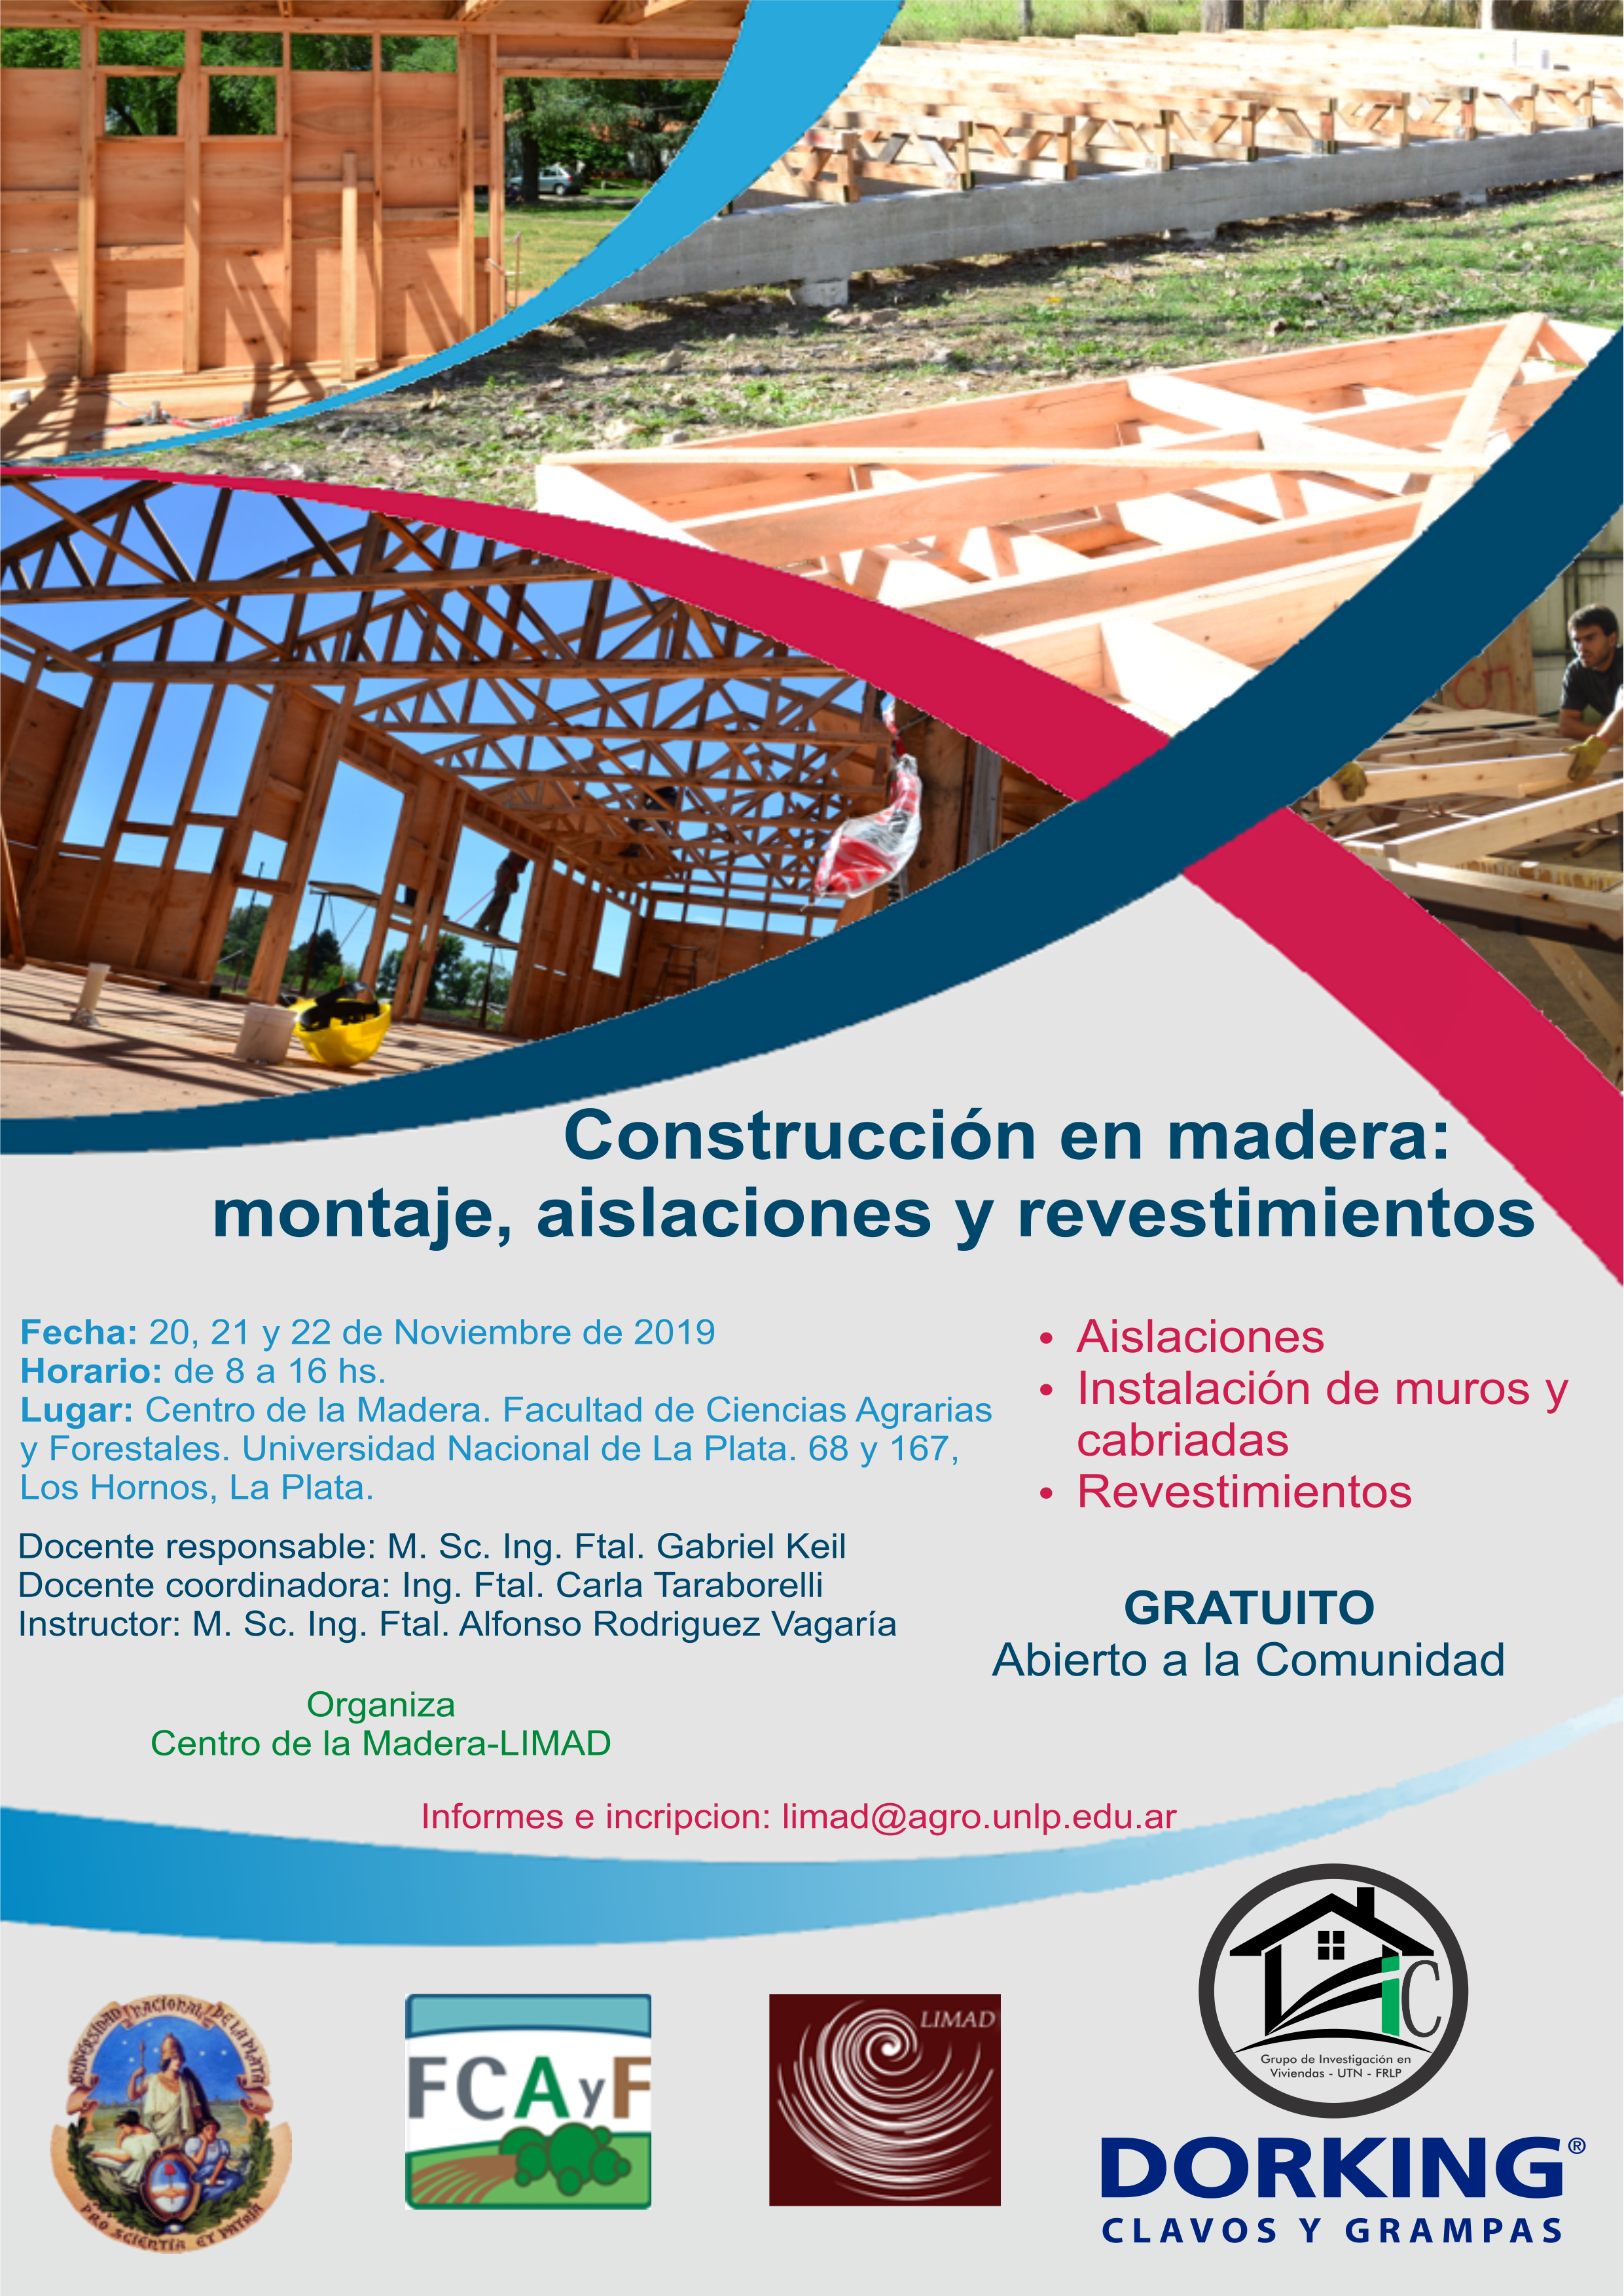 Curso de Construcción en madera: montaje, aislaciones y revestimientos